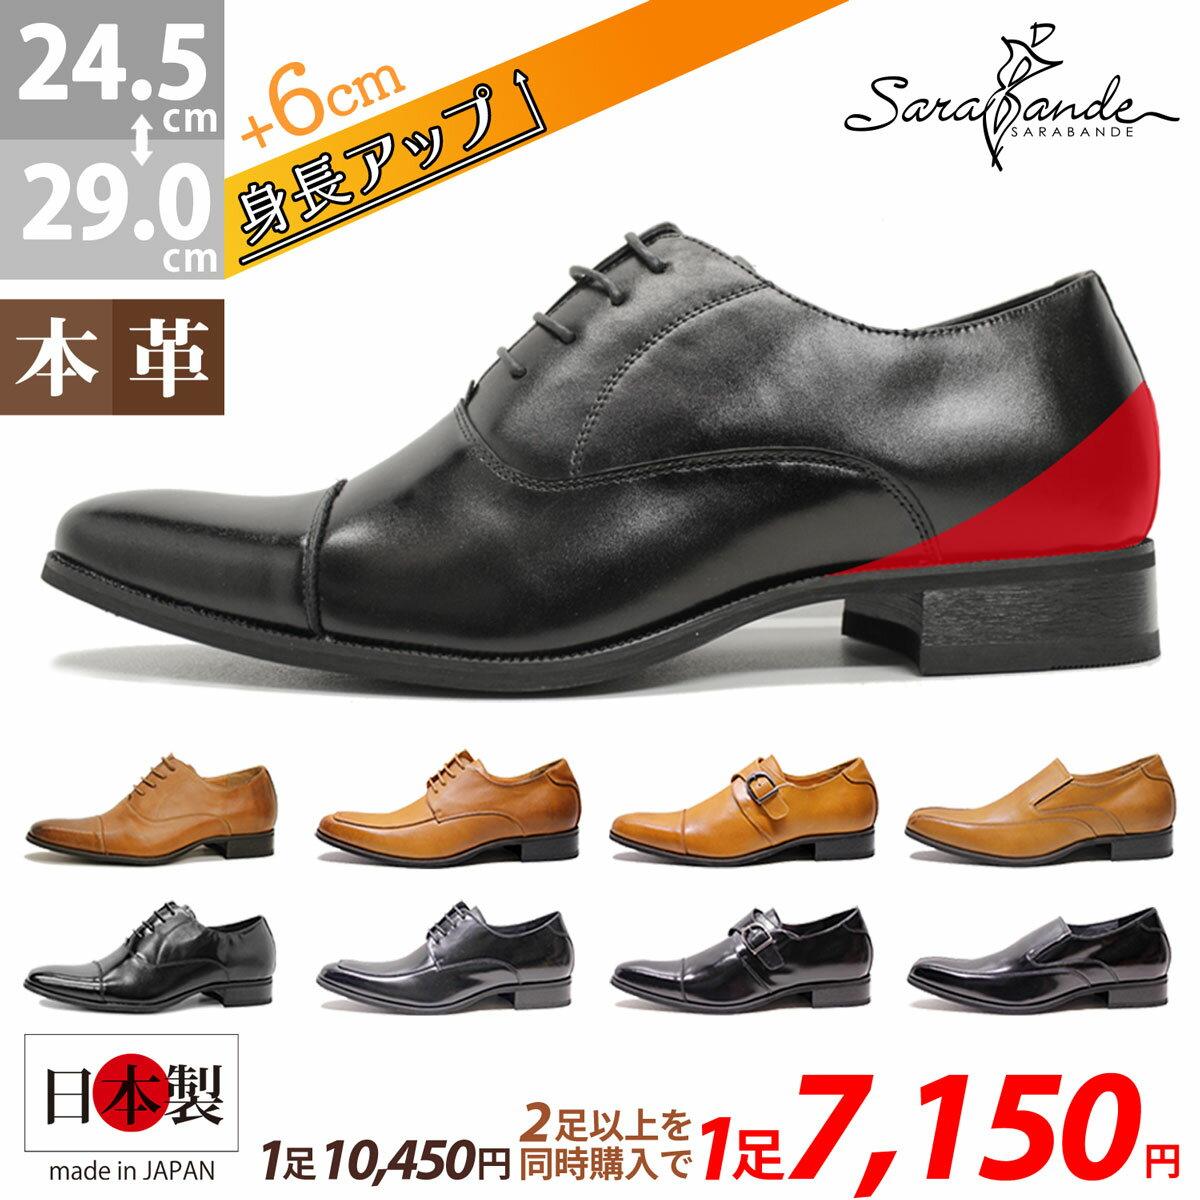 シークレットシューズ 6cmアップ 革靴[SARABANDE サラバンド]日本製 本革 6…...:zealmarket:10005901